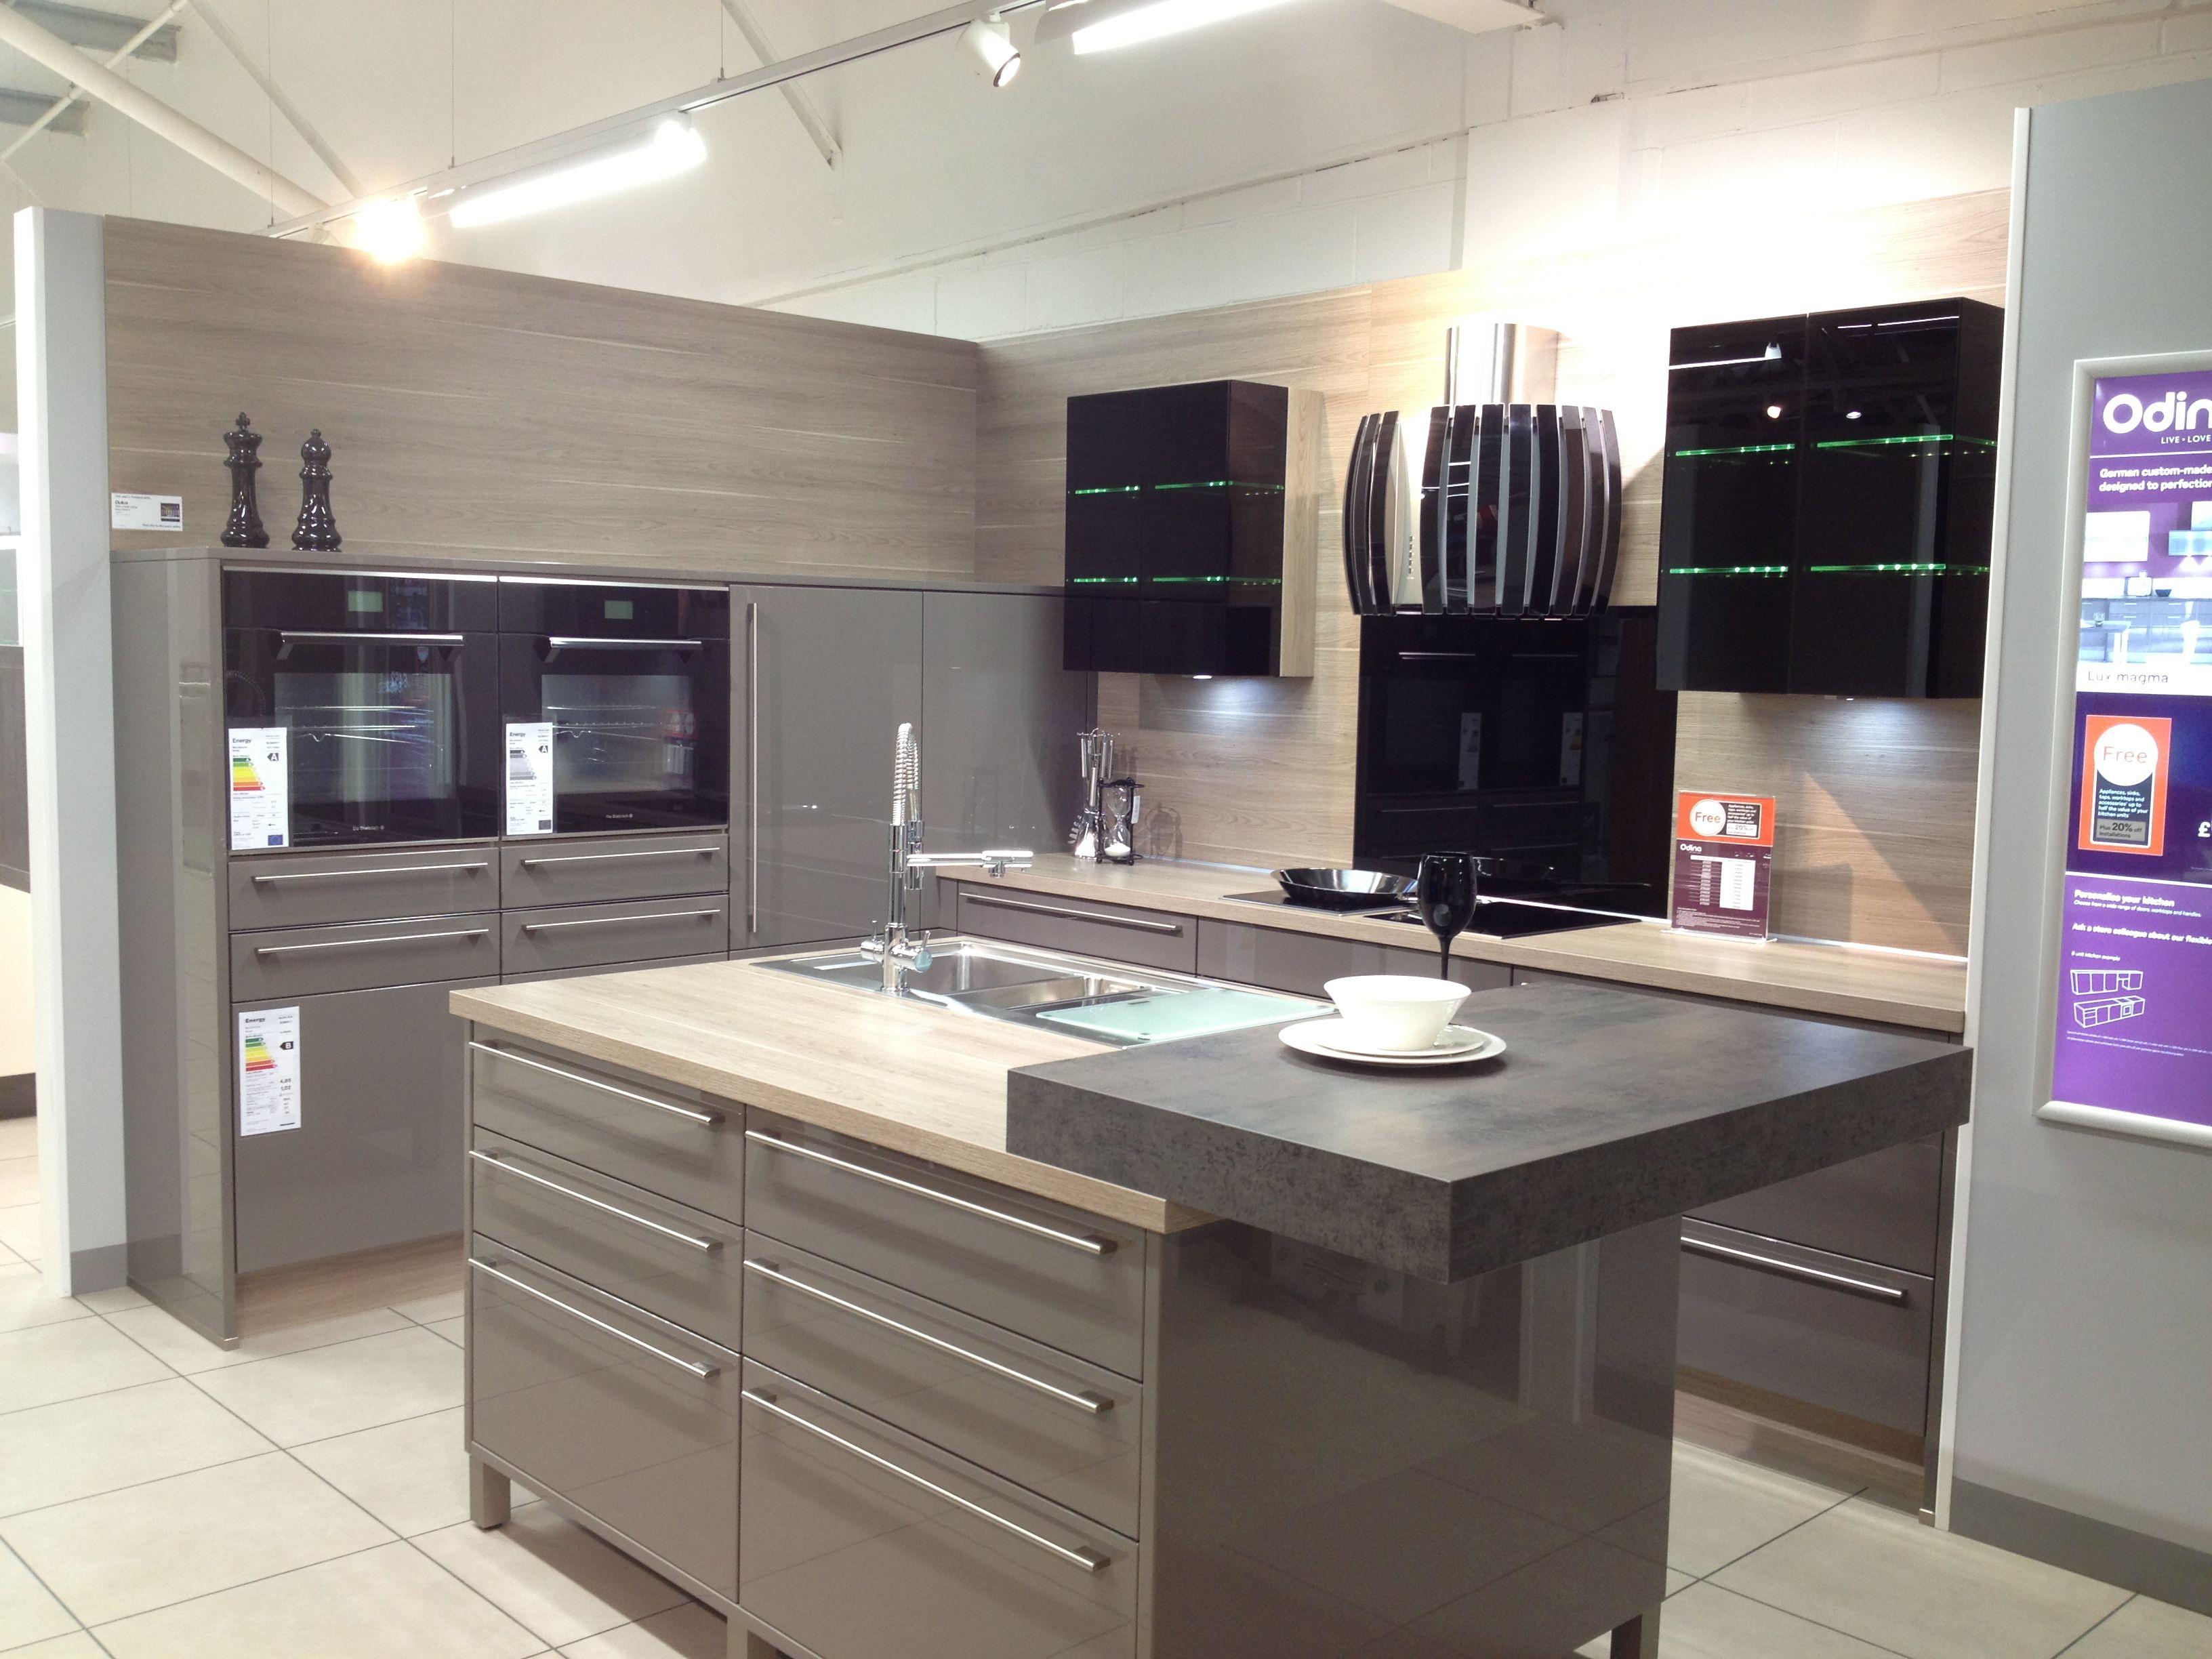 White apron homebase - Odina Kitchen Cocina Pinterest Keukens